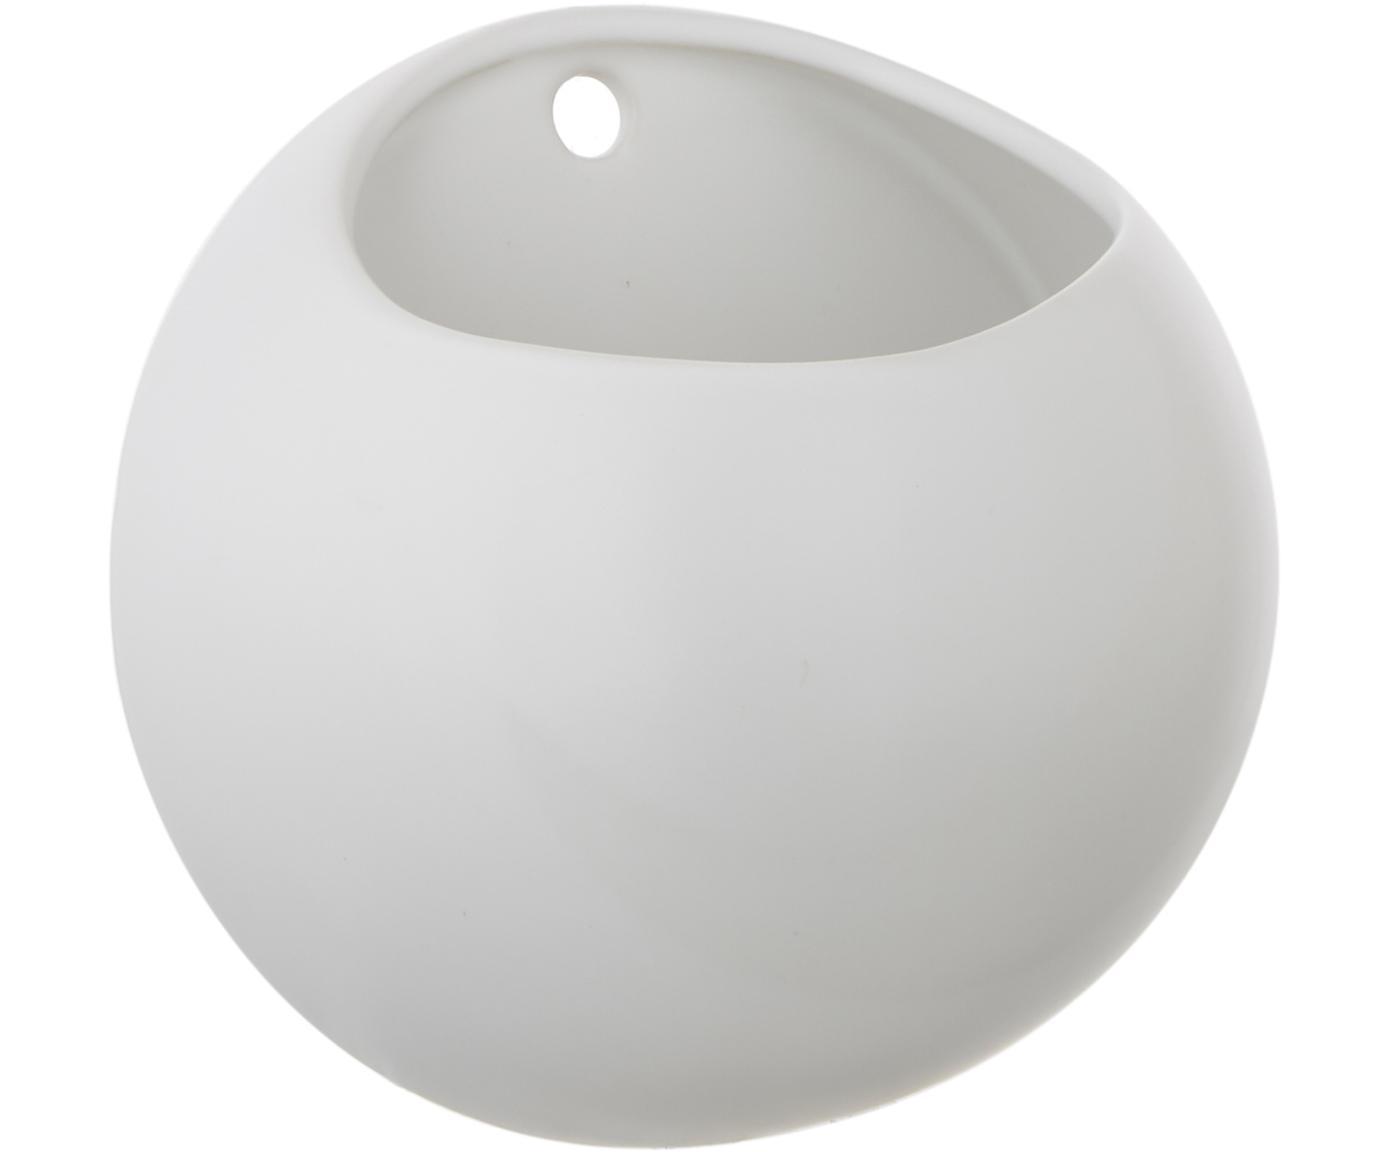 Ścienna osłonka na doniczkę Globe, Ceramika, Biały, Ø 15 x W 10 cm